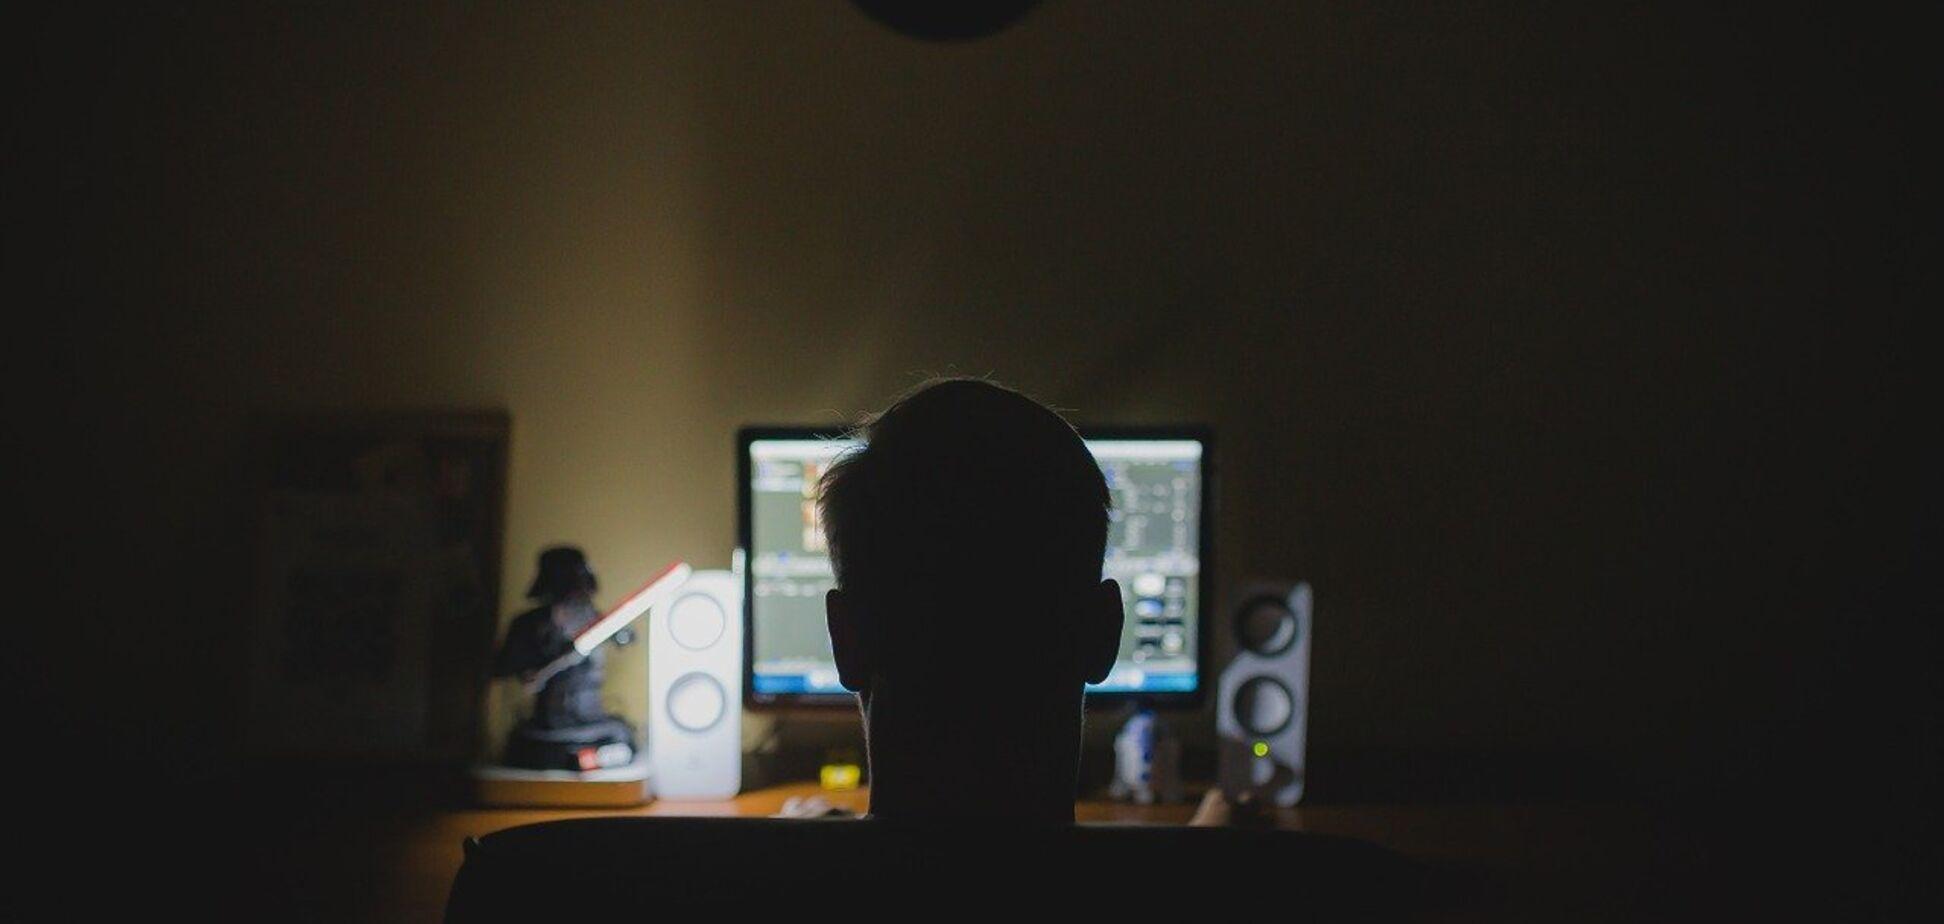 Поліція знайшла двох хакерів, які викрали дані 1,5 млн користувачів із відомих сайтів